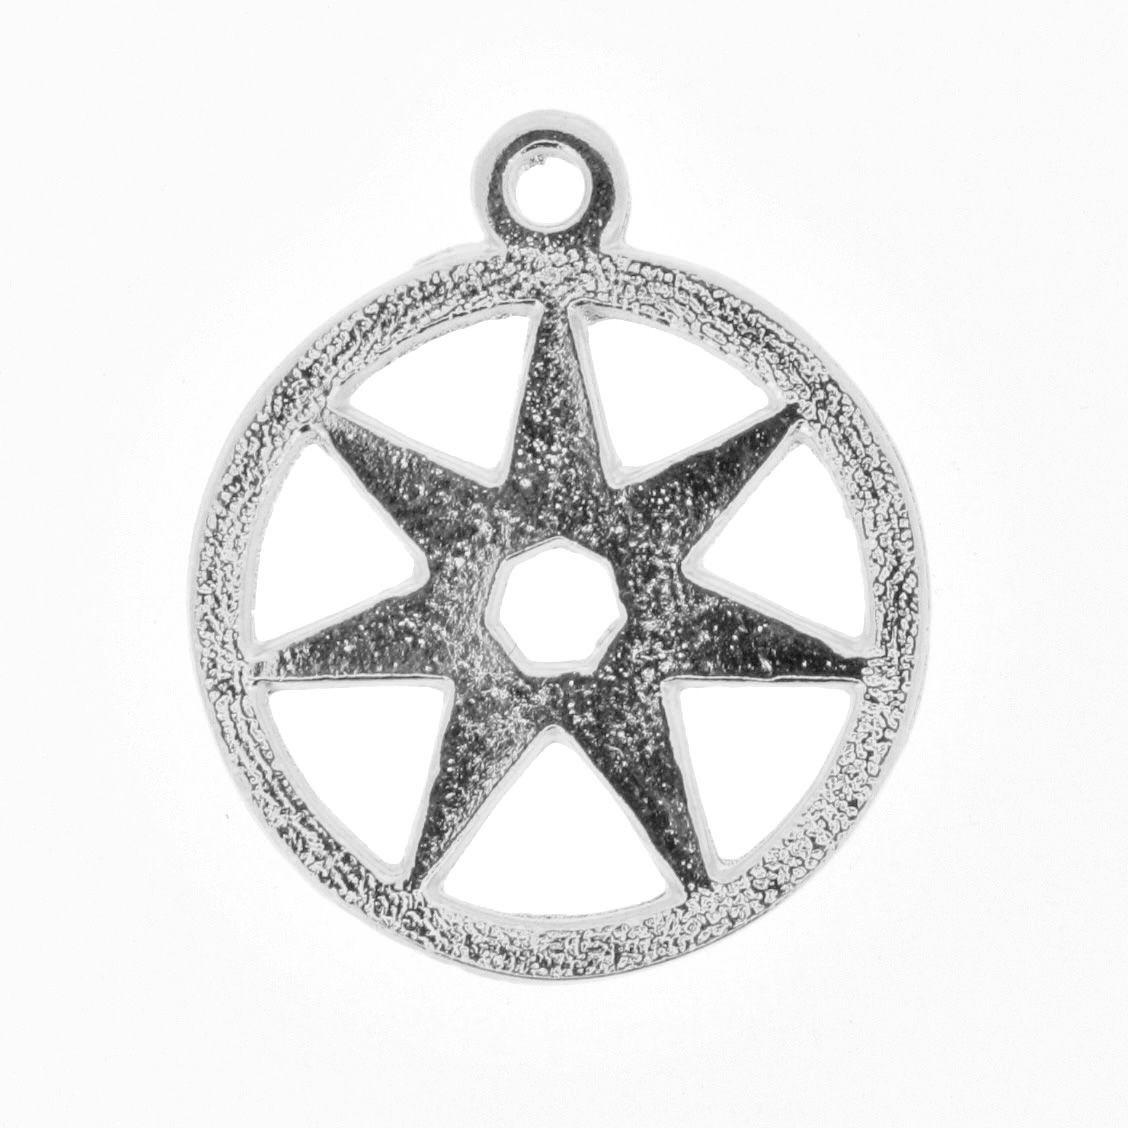 Estrela Sete Pontas - Níquel - 25mm  - Stéphanie Bijoux® - Peças para Bijuterias e Artesanato